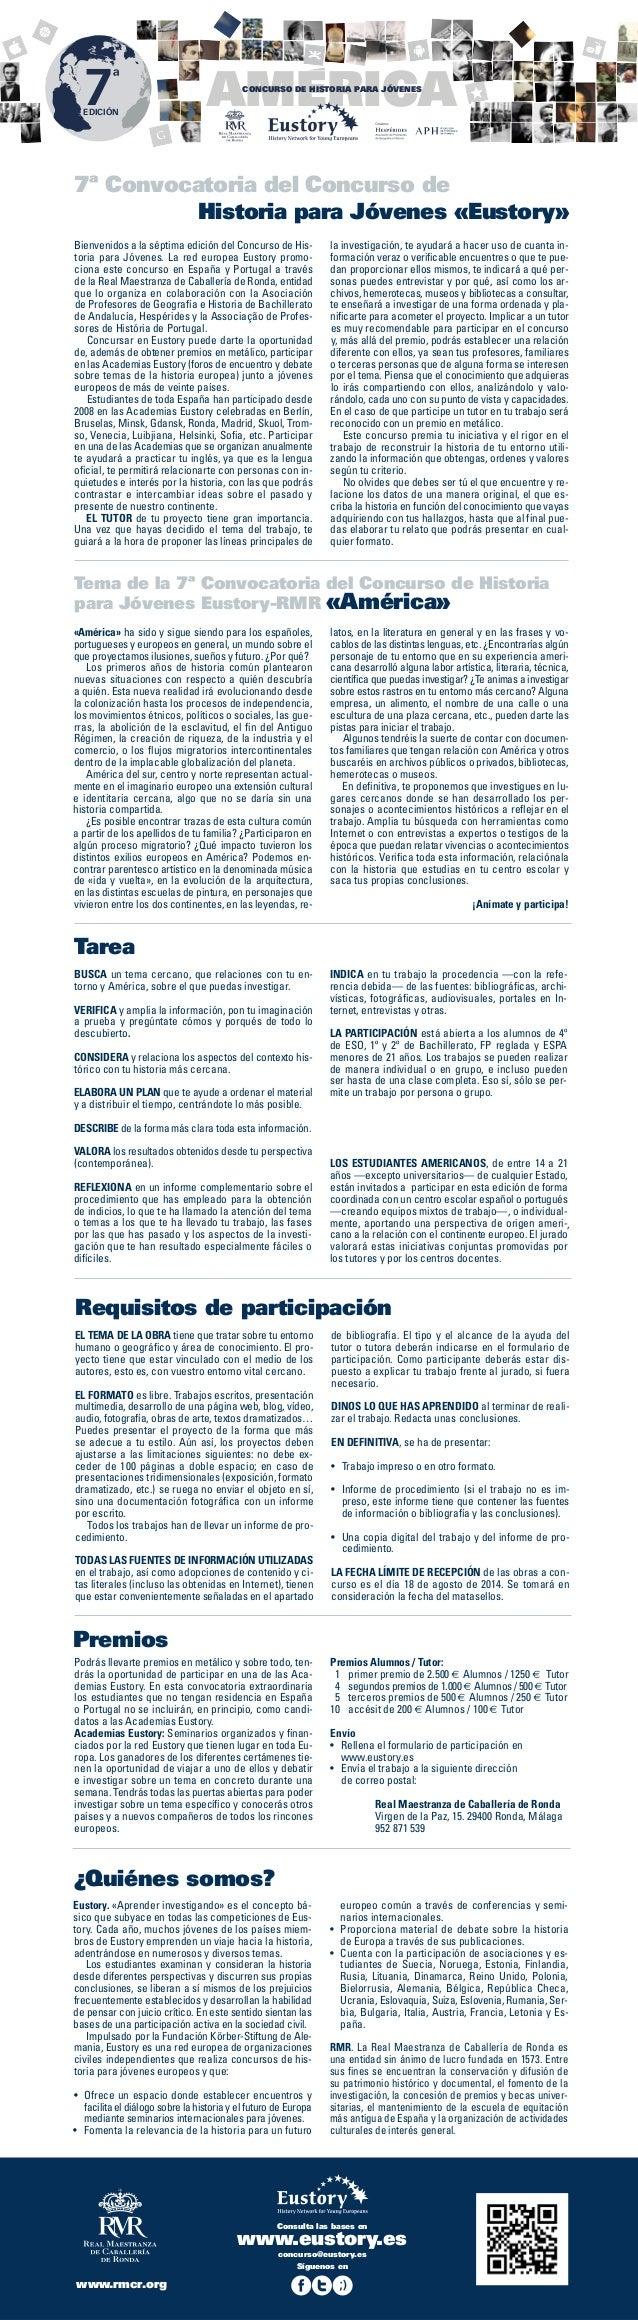 7  ª  EDICIÓN  AMERICA CONCURSO DE HISTORIA PARA JÓVENES  7ª Convocatoria del Concurso de Historia para Jóvenes «Eustory» ...